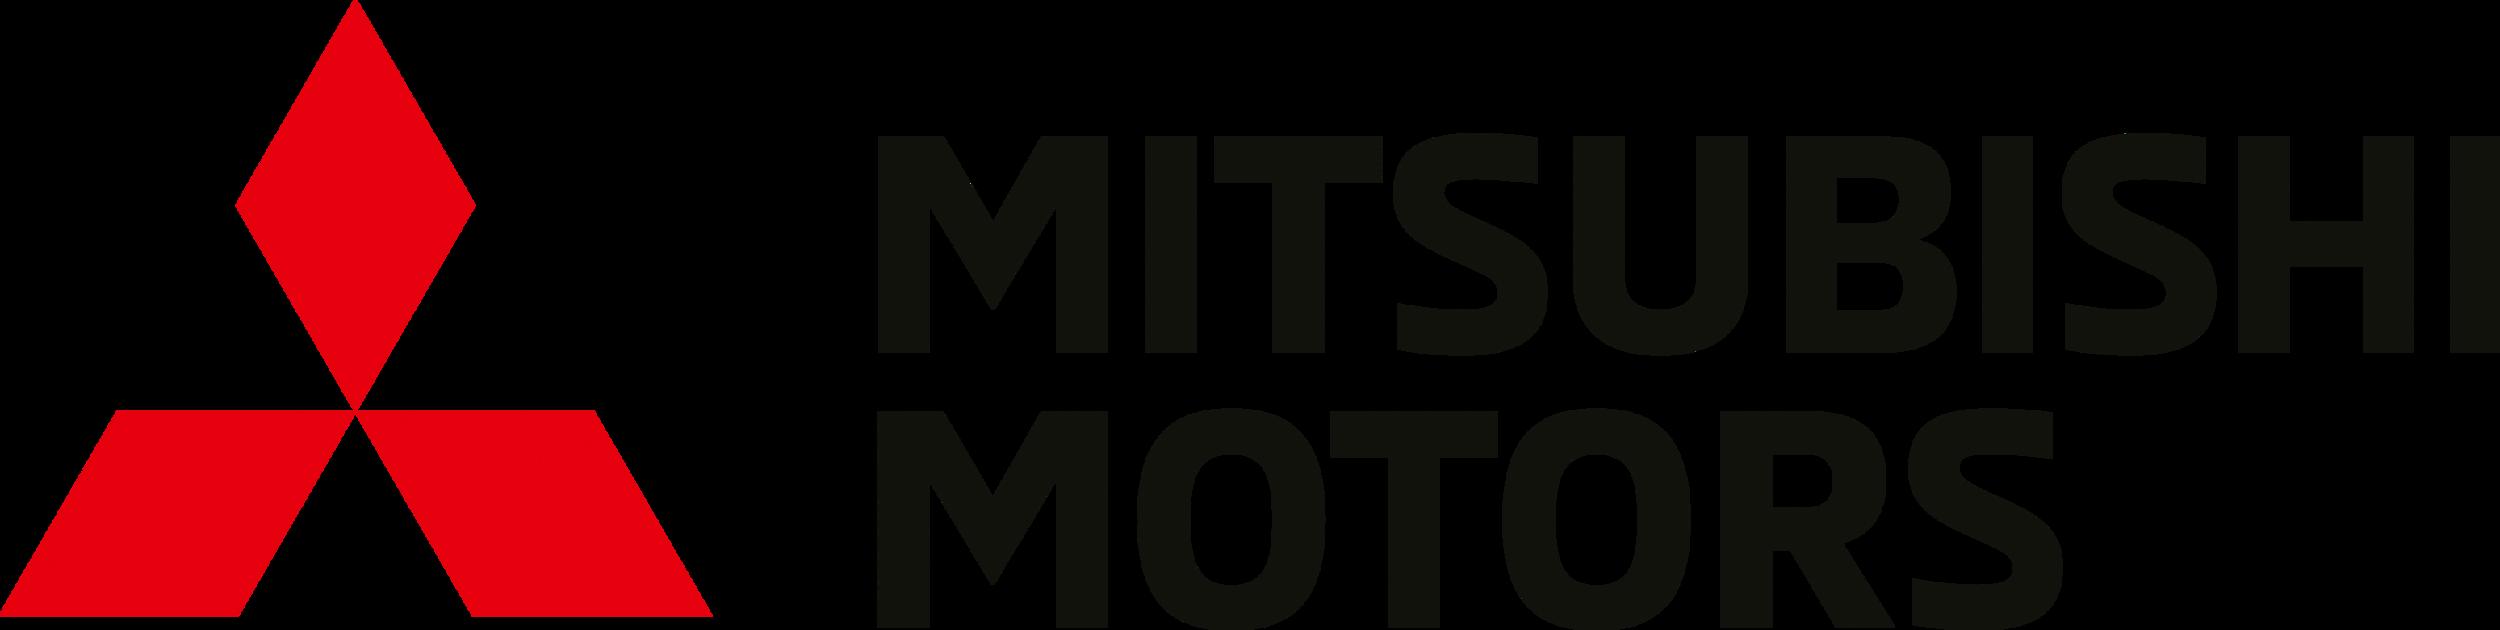 """- """"Mitsubishi – die Automobilmarke mit den 3 Diamanten im Logo – steht für Innovationen, umweltgerechte Spitzentechnologie mit hohem Kundennutzen sowie für japanische Top-Qualität. Sowohl bei internen Veranstaltungen als auch bei Kundenevents setzen wir unsere Qualitätsanforderungen ebenso hoch an und freuen uns sehr mit Sandro Zinggeler einen motivierten und zuverlässigen Partner gefunden zu haben. Seine Kreativität und sein Mut kulinarisch ausgetretene Pfade zu verlassen, sorgen immer wieder für positive Überraschungen."""""""